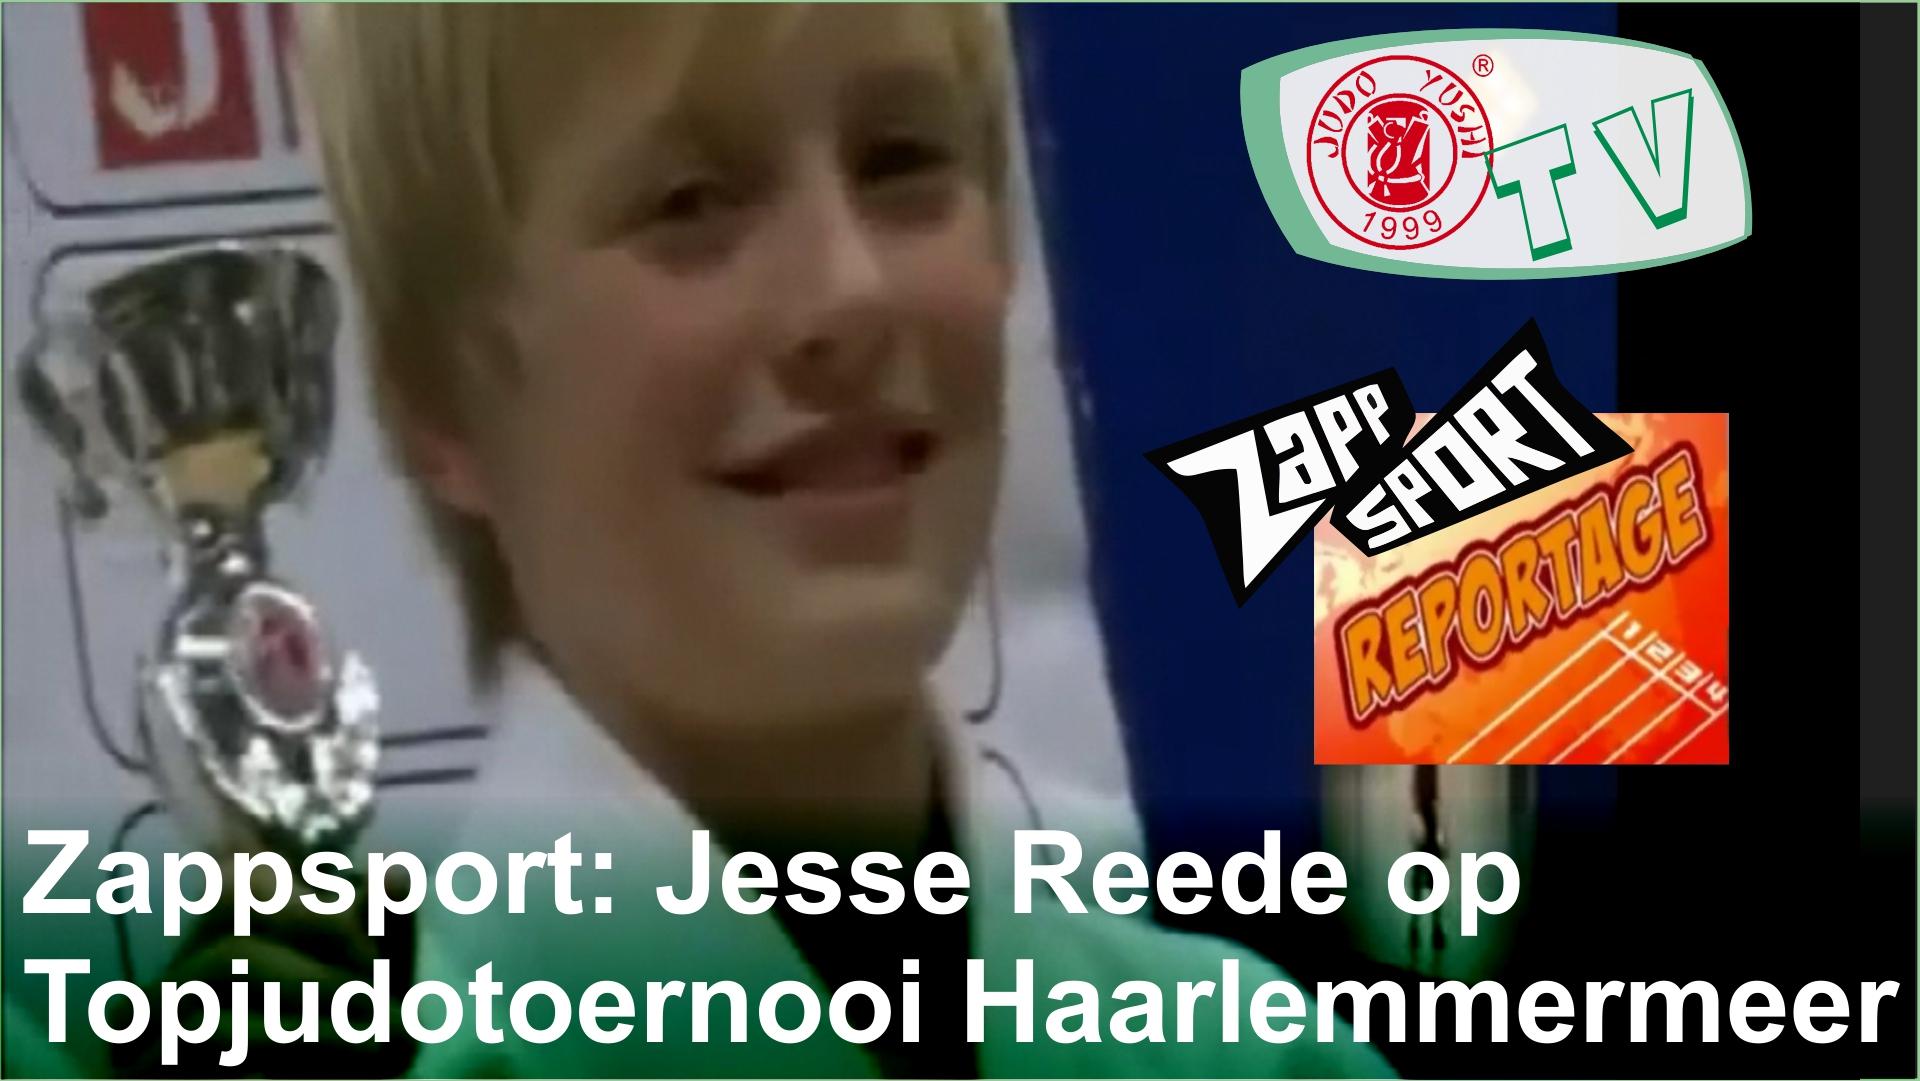 Zappsportreportage Jesse Reede op Topjudotoernooi Haarlemmermeer